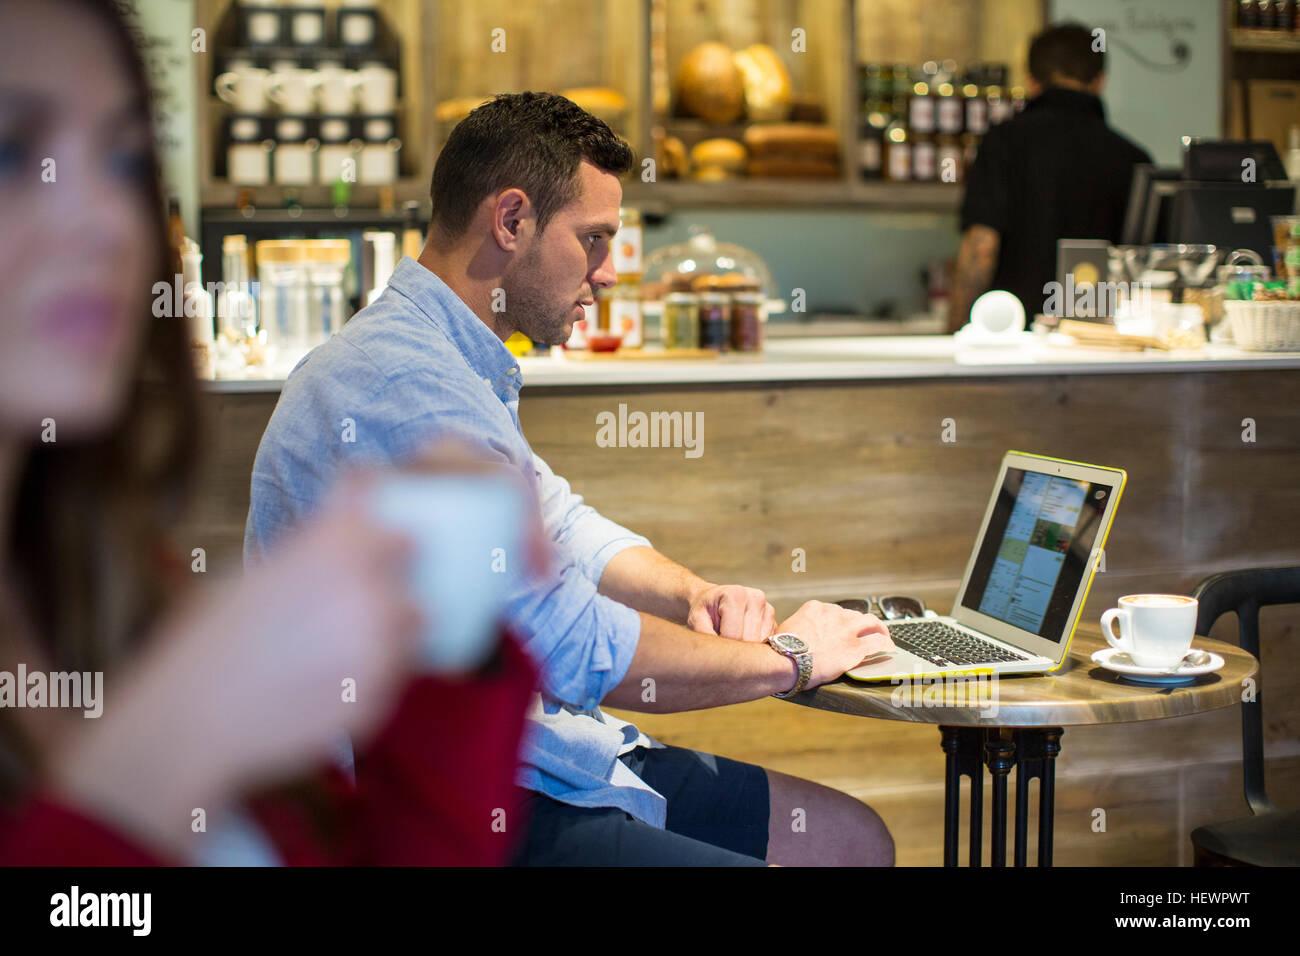 Uomo seduto in cafe portatile di lettura Immagini Stock